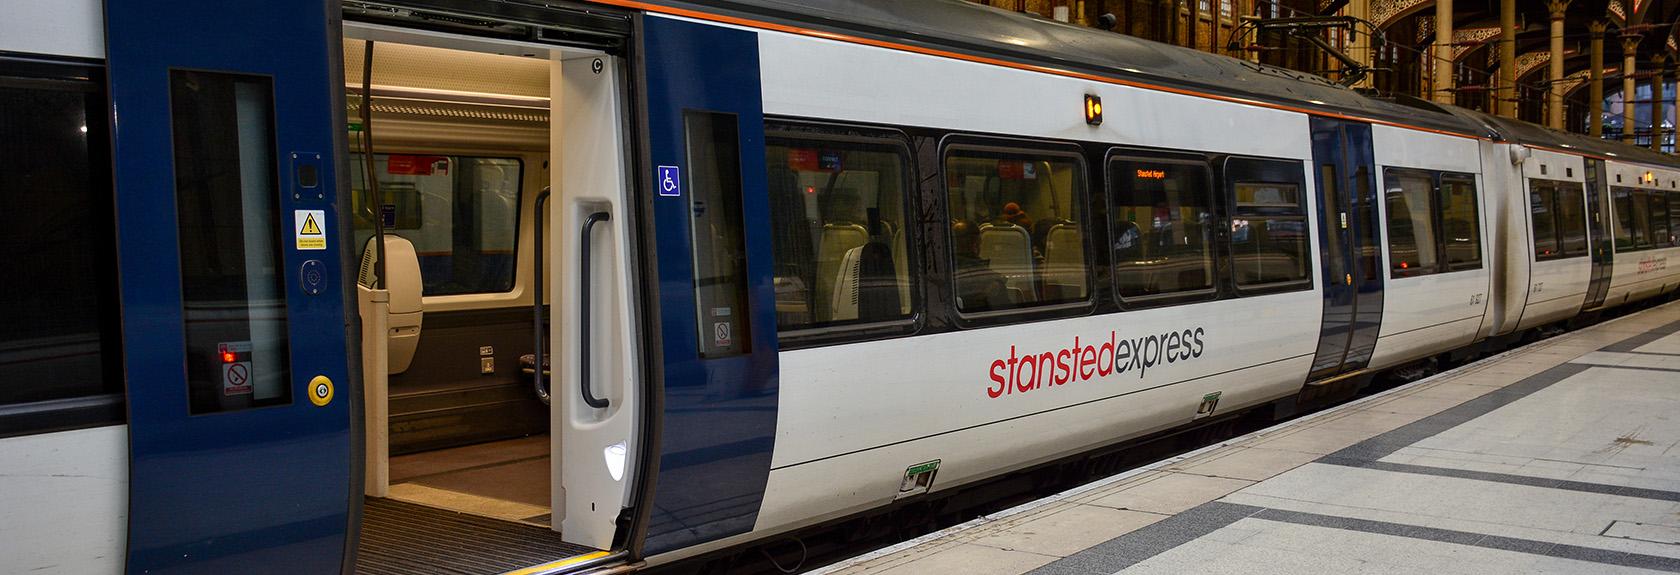 Stansted Express trein